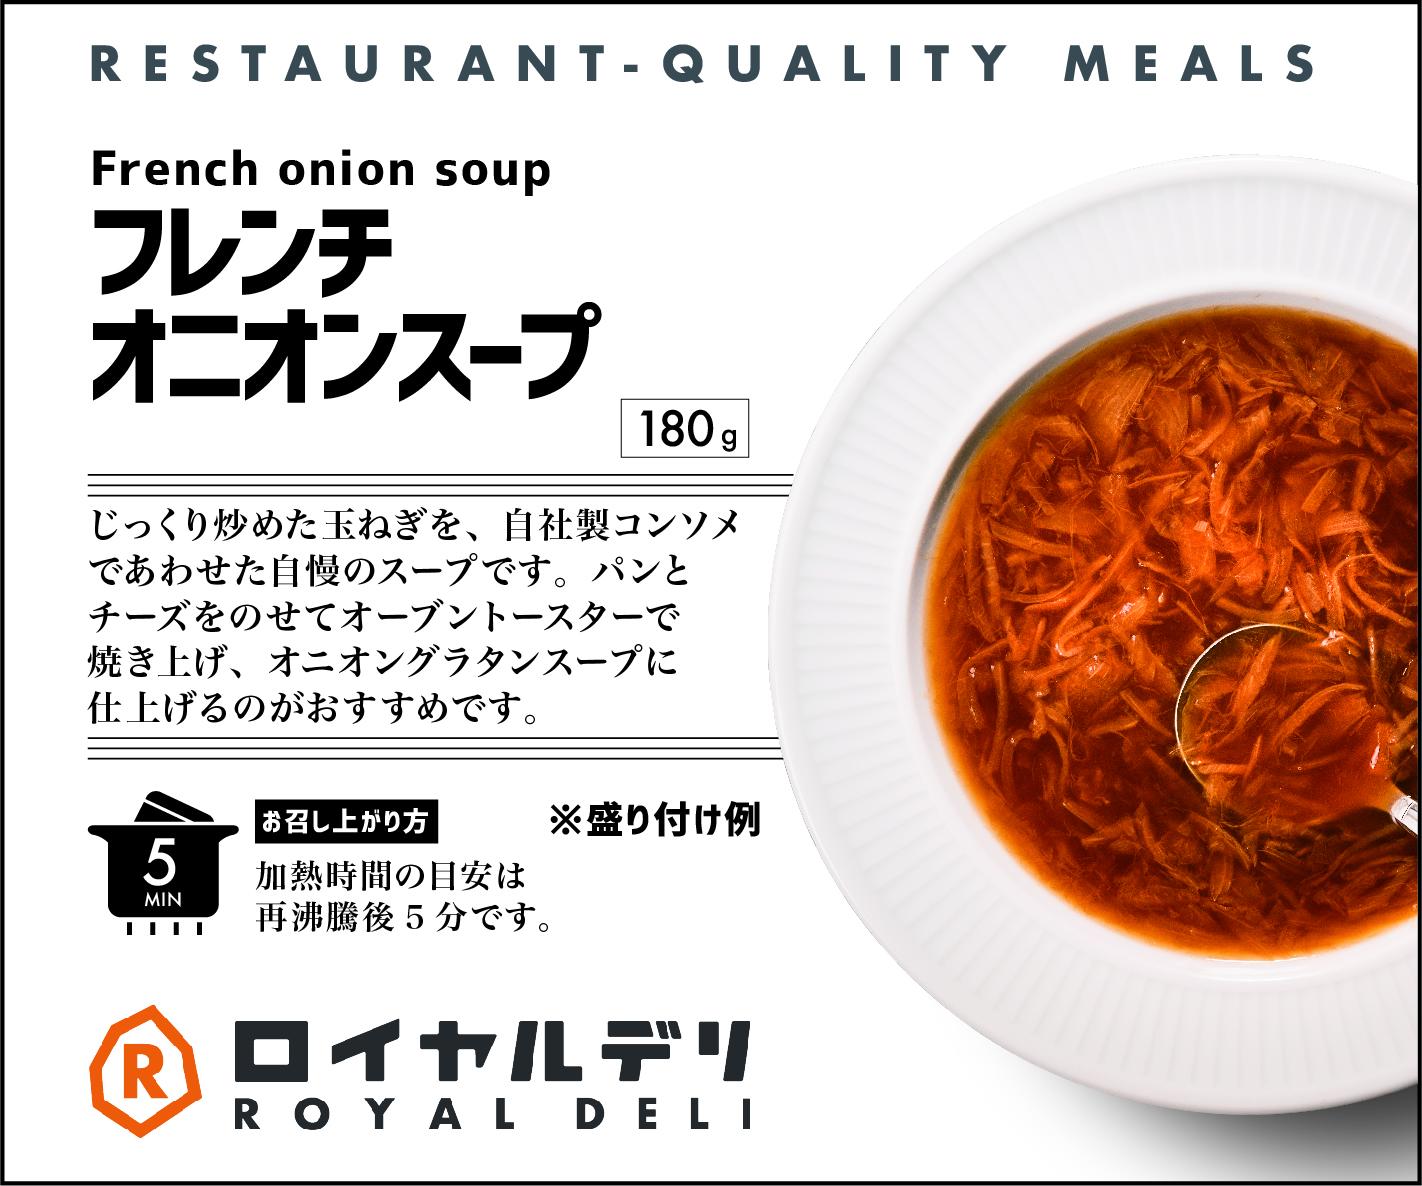 《ロイヤルデリ》ロイヤル伝統の一品「フレンチオニオンスープ」が3月8日(月)より販売開始